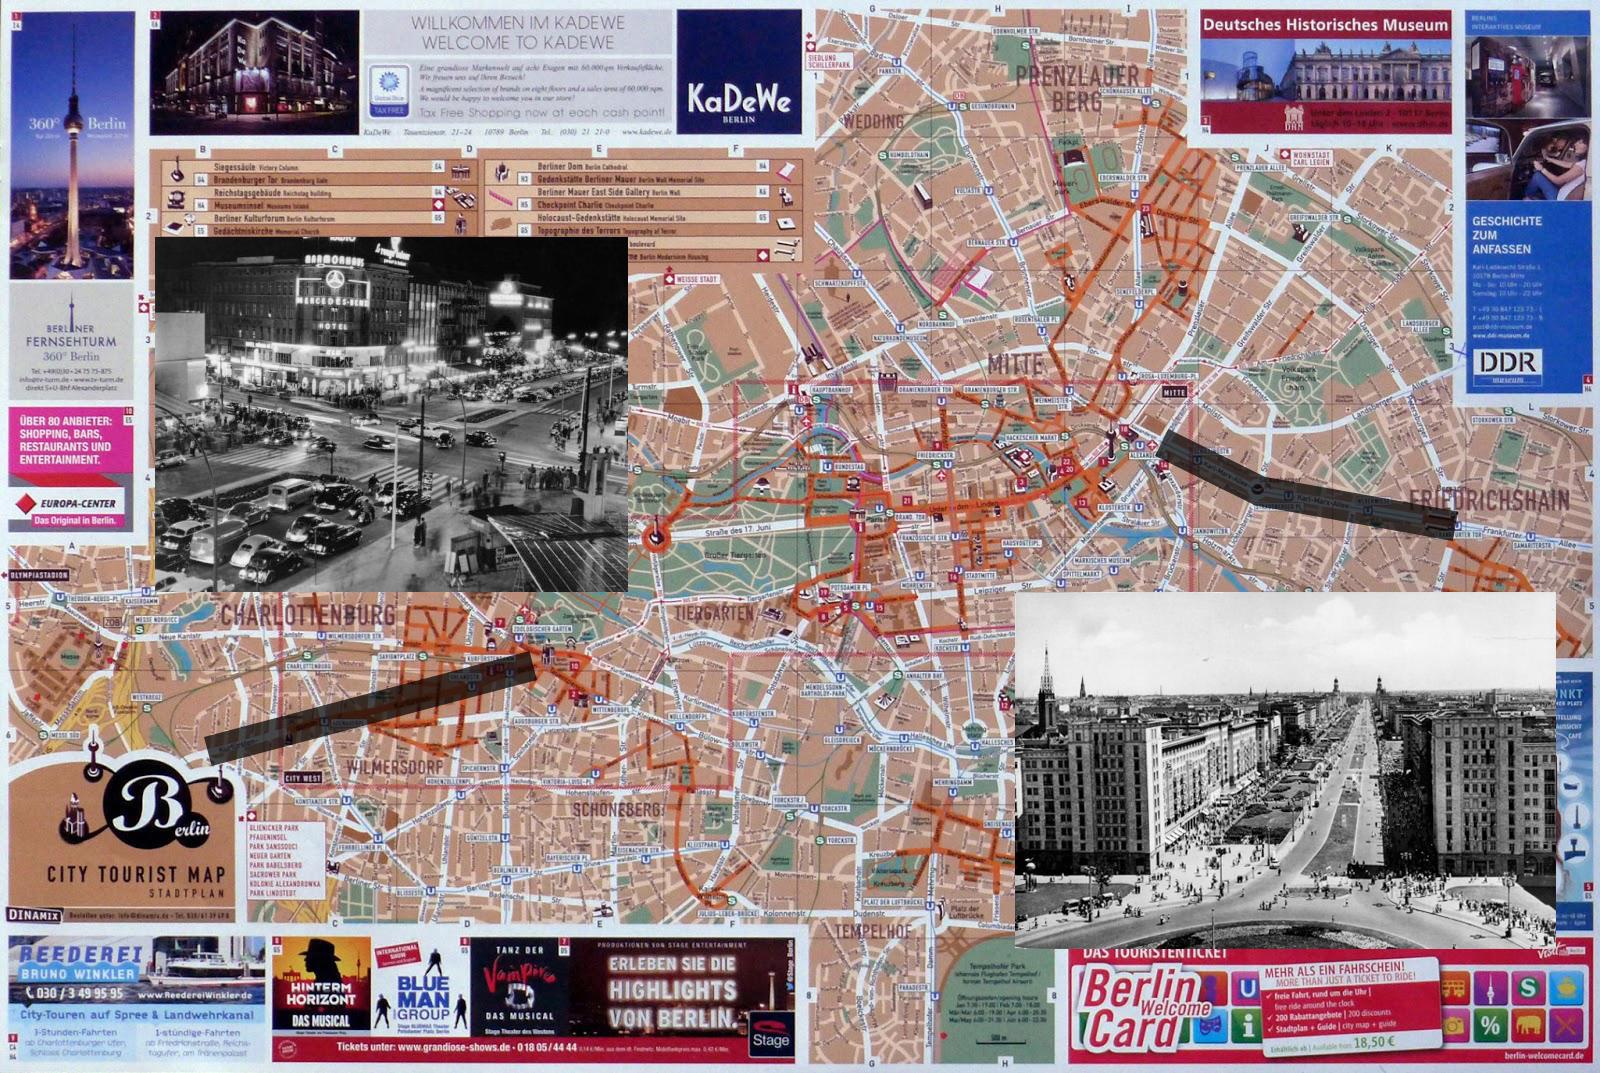 berlin_tourist_map_Jun-17.jpg